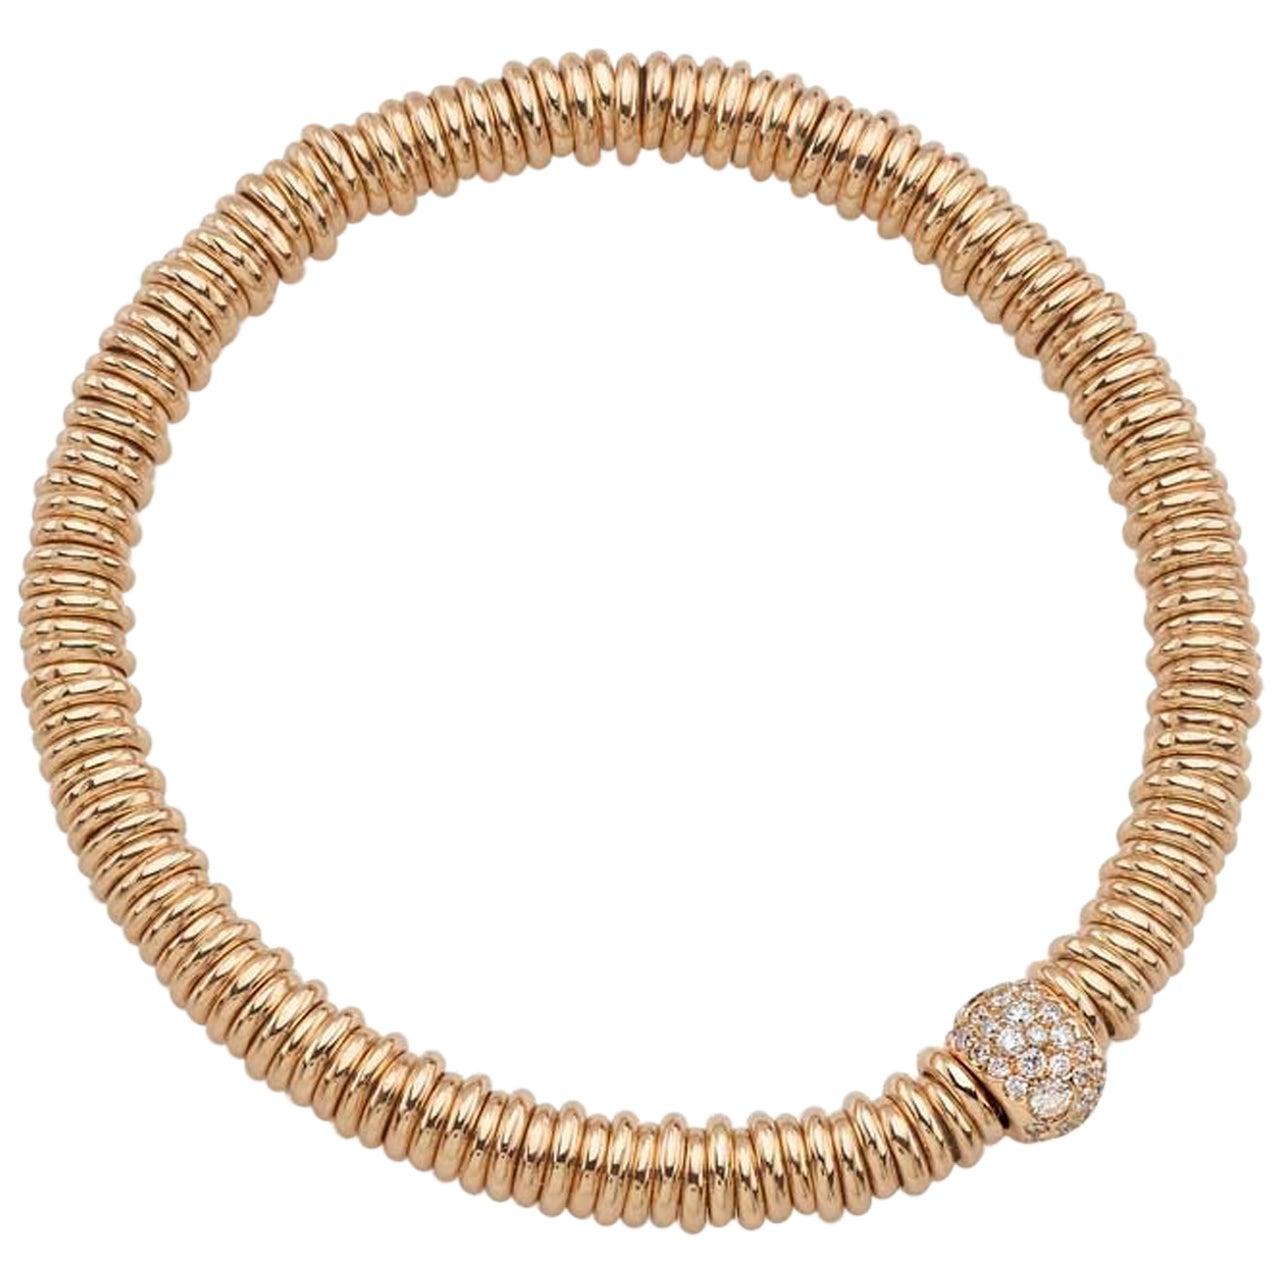 18 Karat Rose Gold BabyBang Bracelet 0.36 Carat White Brilliant Cut Diamonds